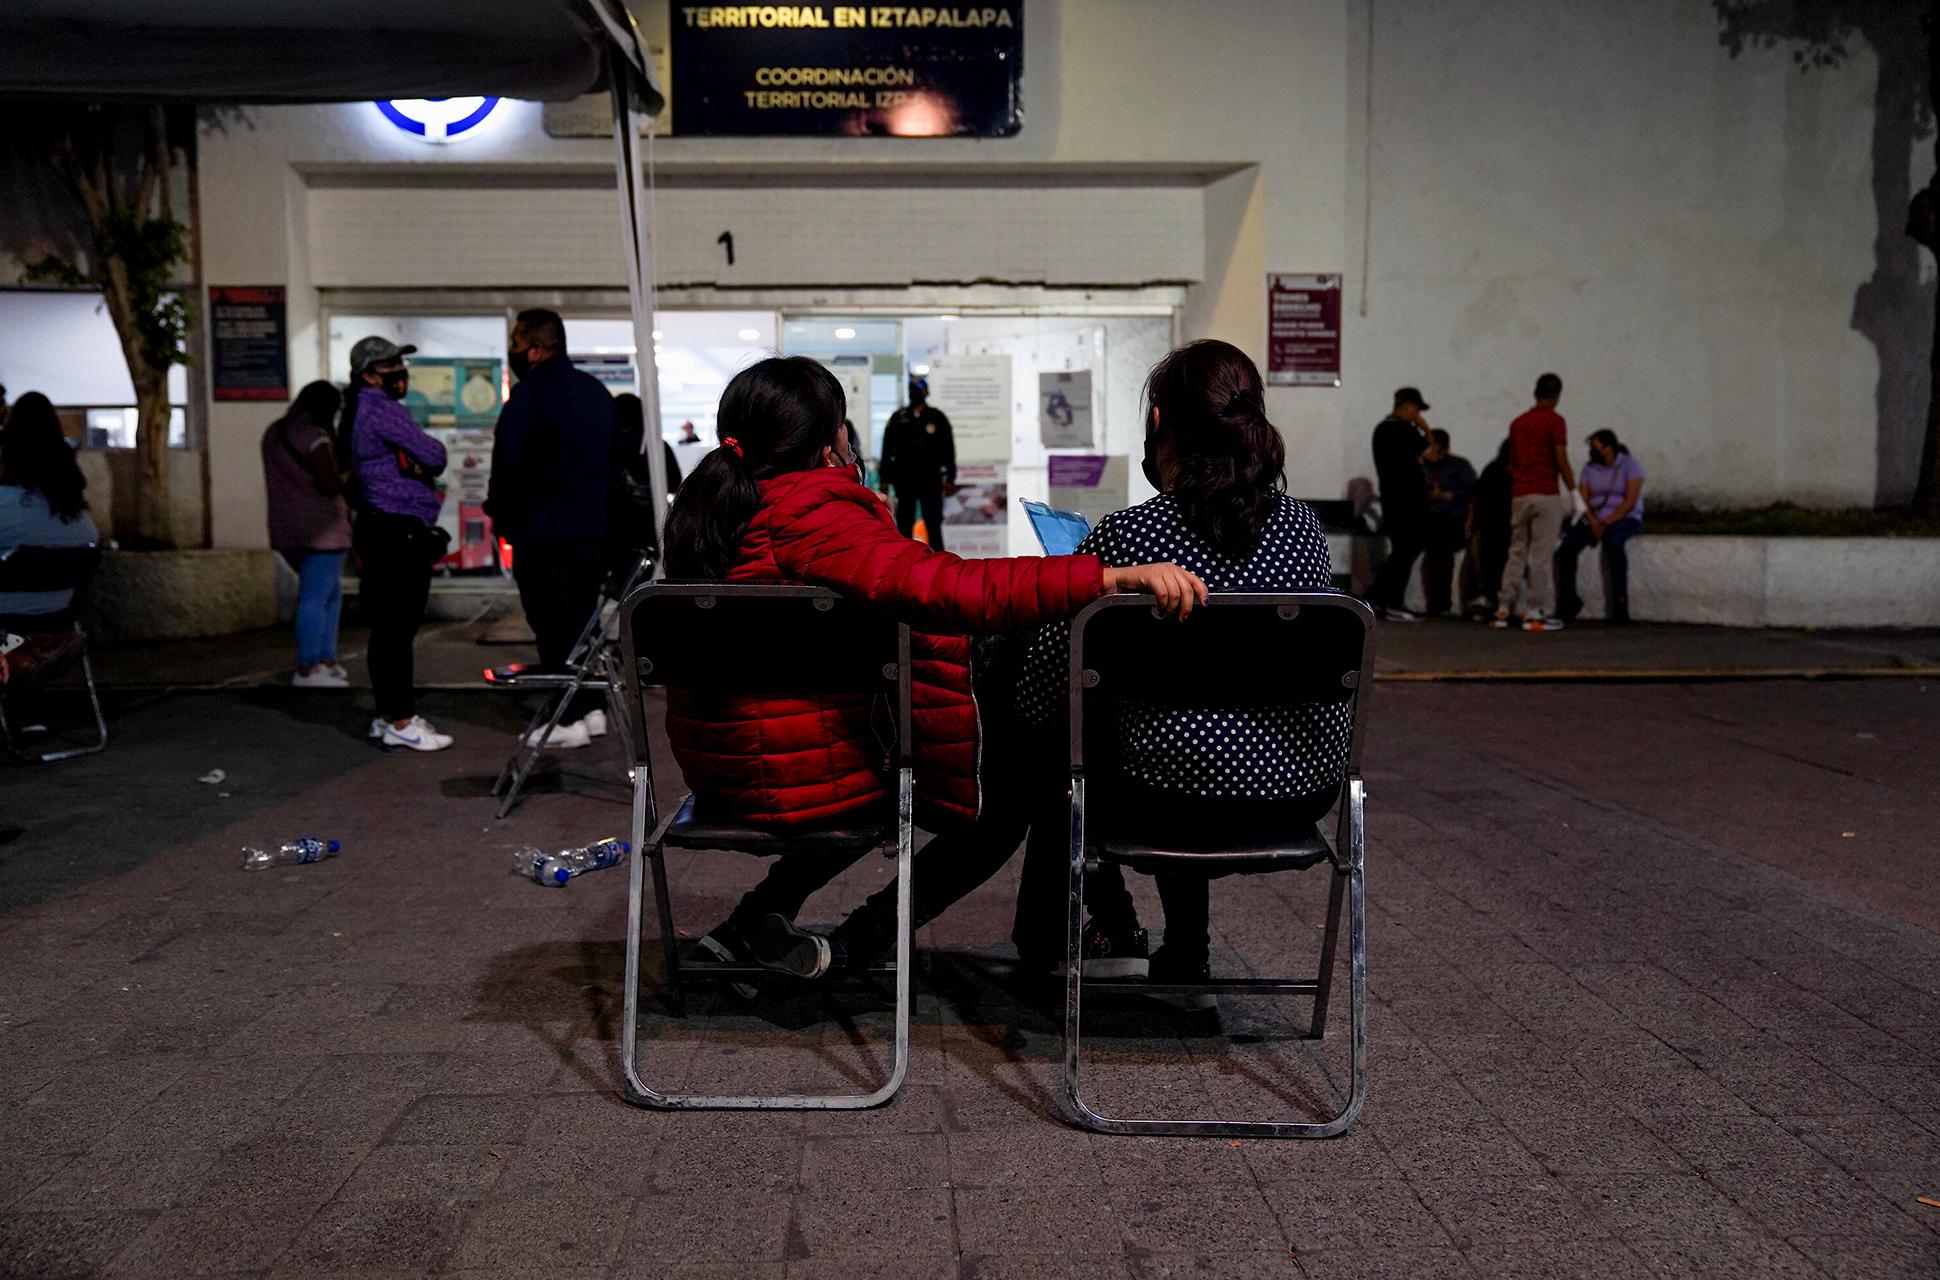 Colapso_Metro_estación_Olivos_Fernanda_Caso_Marcha_para_protestar_contra_el_gobierno_después_del_accidente_del_metro_Luis_Cortes_Gatopardo_Actualidad